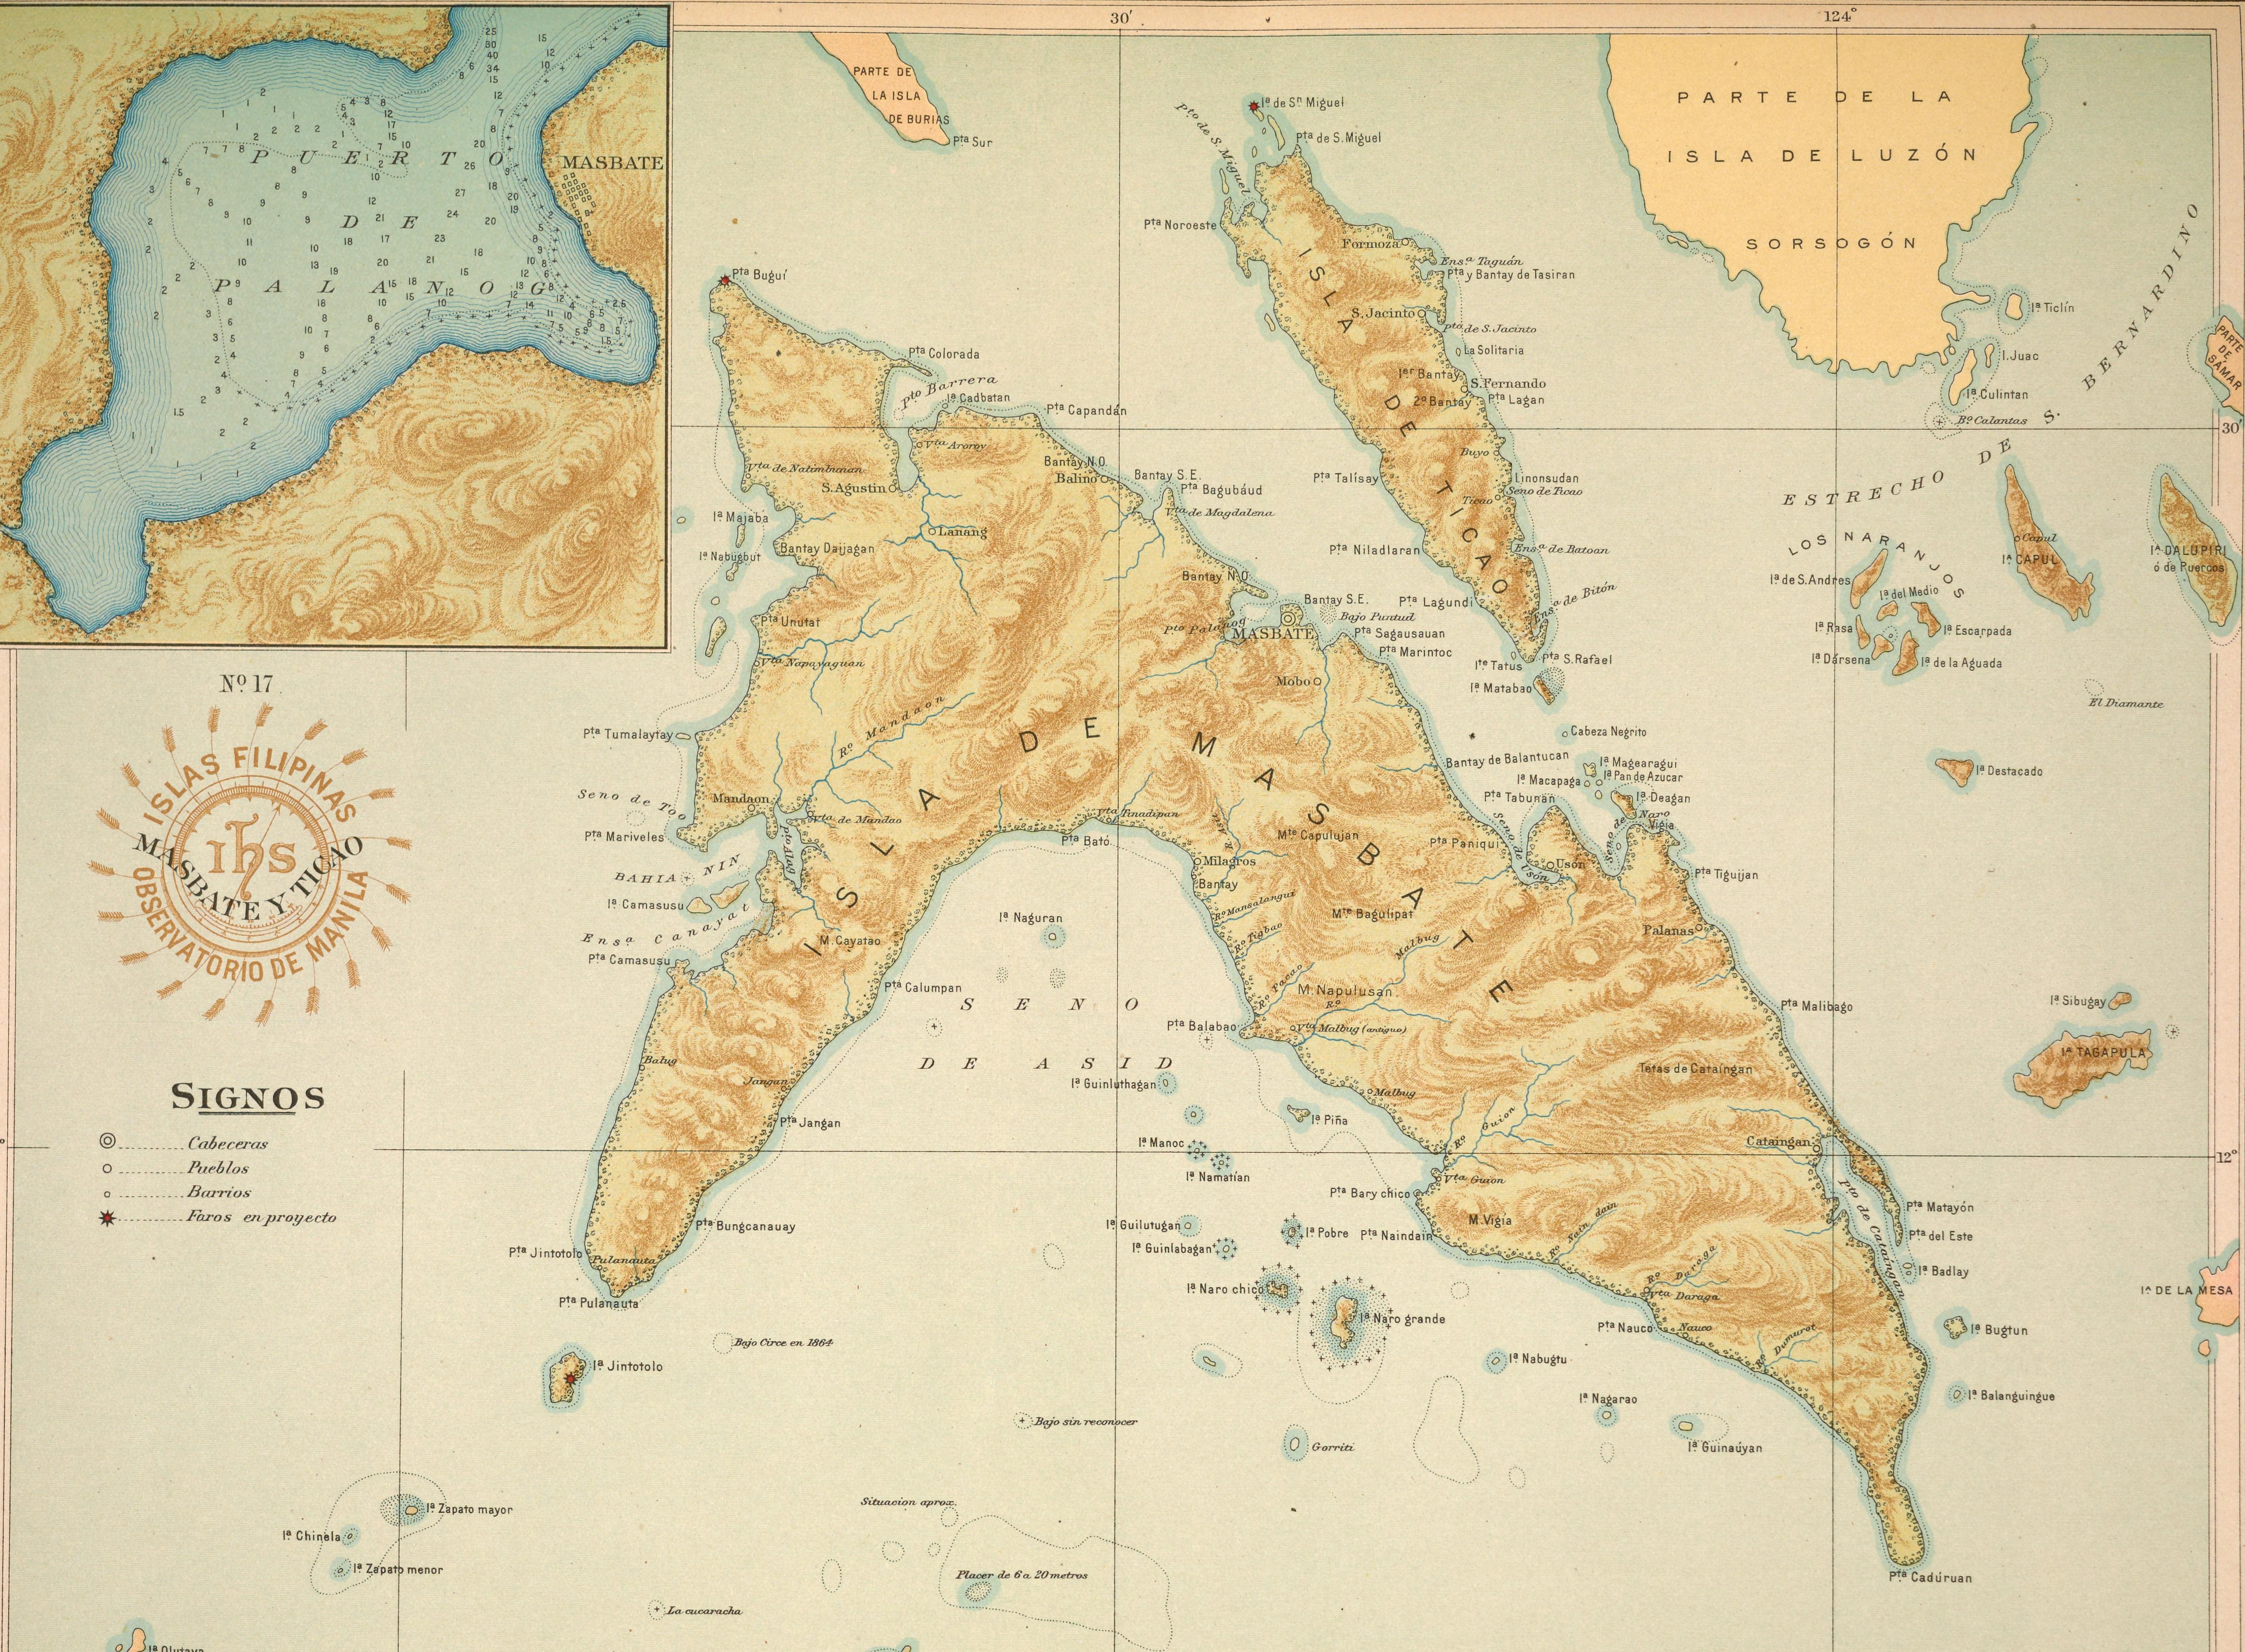 Masbate, illa